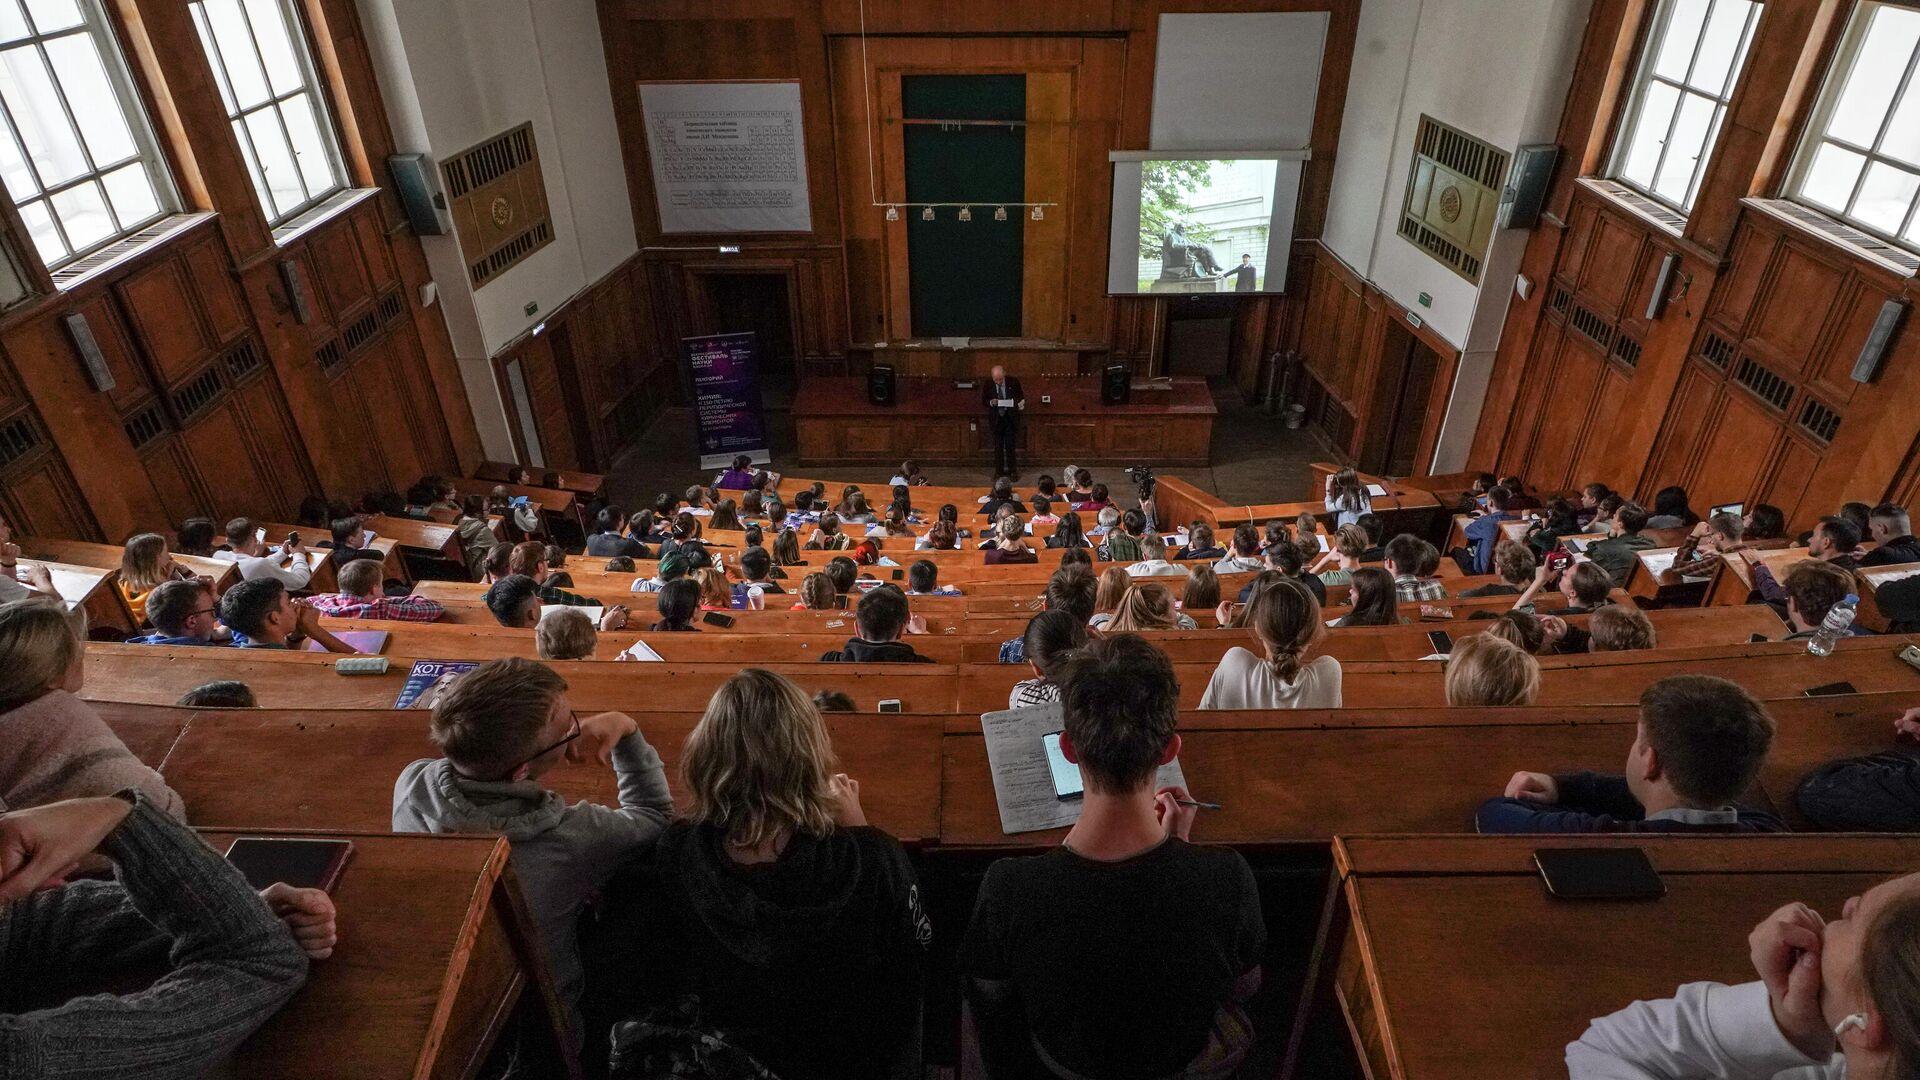 Студенты на лекции американского химика, лауреата Нобелевской премии по химии 1986 года, профессора Гарвардского университета Дадли Роберта Хершбаха  - РИА Новости, 1920, 15.09.2020